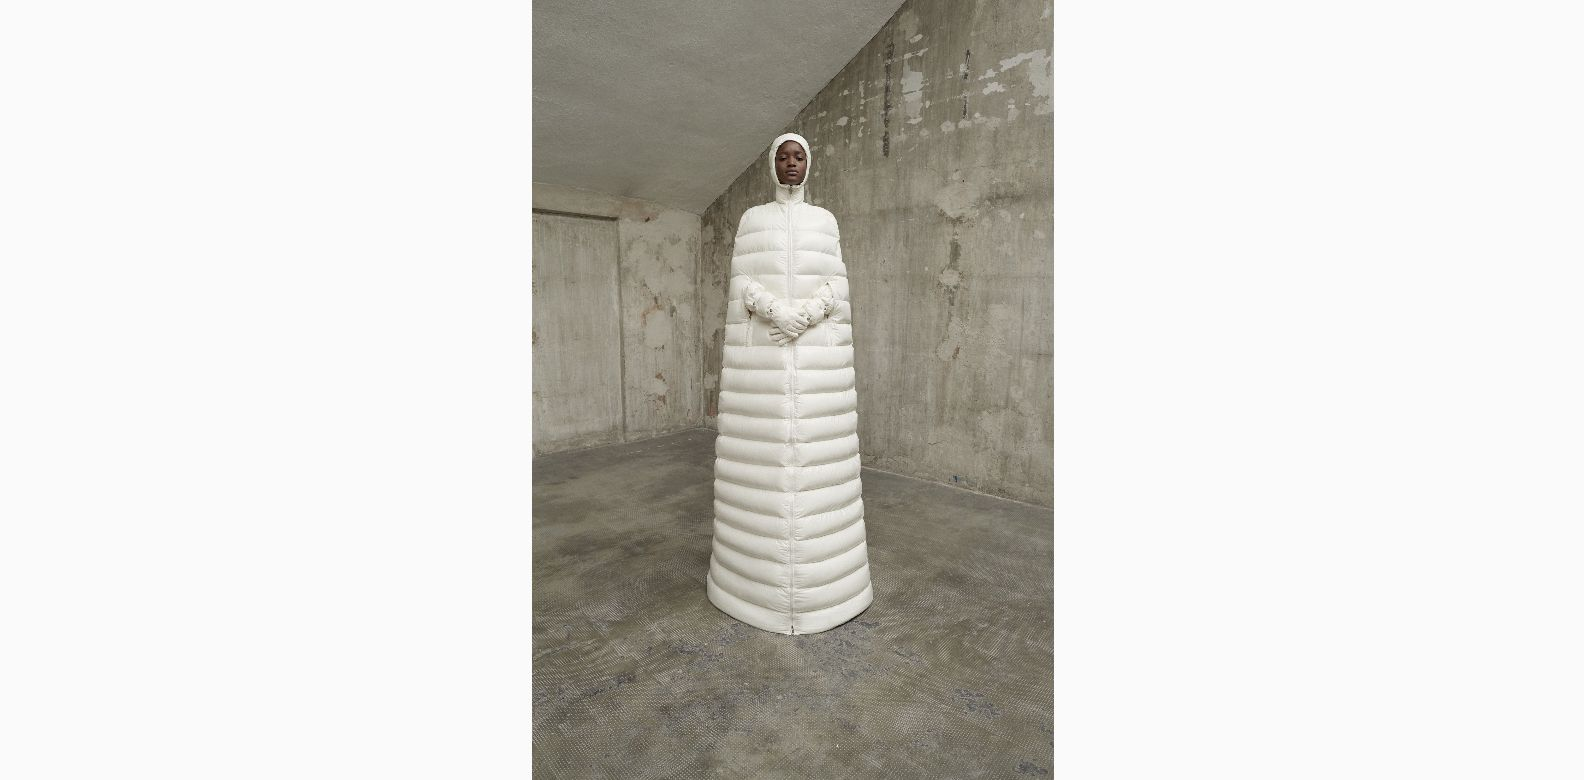 1. Moncler Pierpaolo Piccioli - Pure Essence - Fall/Winter 2018